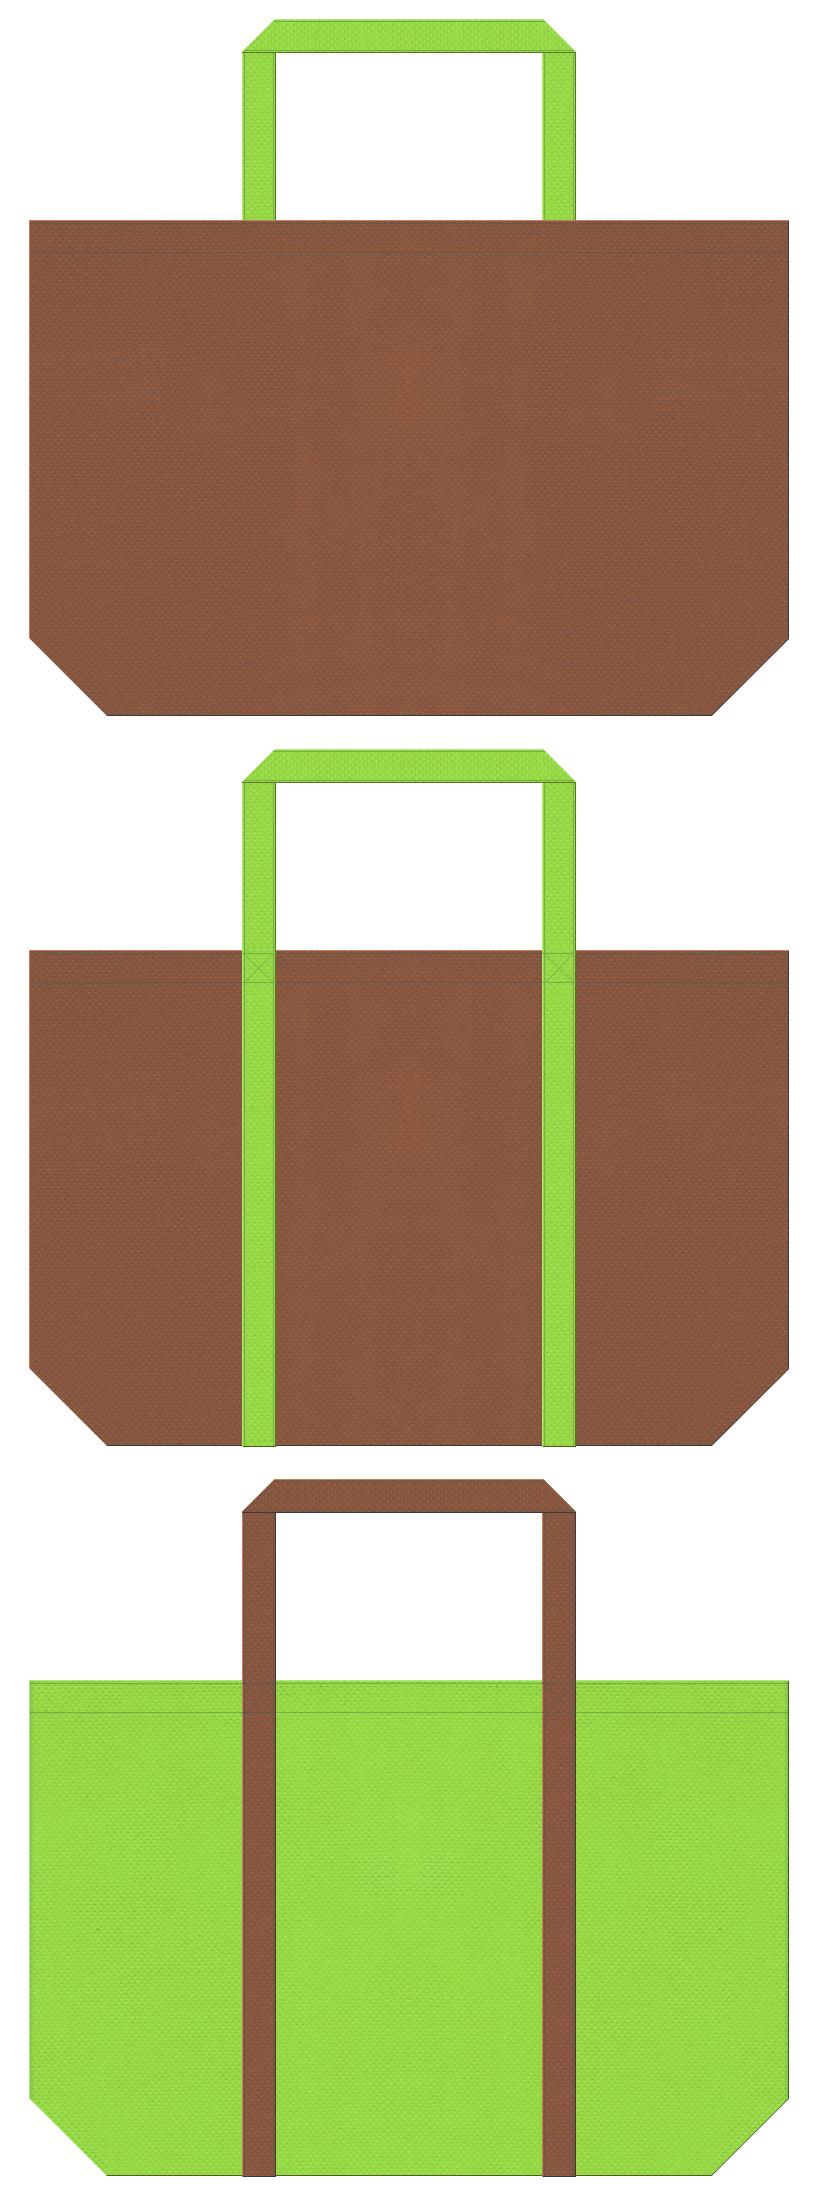 茶色と黄緑色の不織布バッグデザイン。園芸用品のショッピングバッグや、屋上庭園・壁面緑化の展示会用バッグにお奨めです。